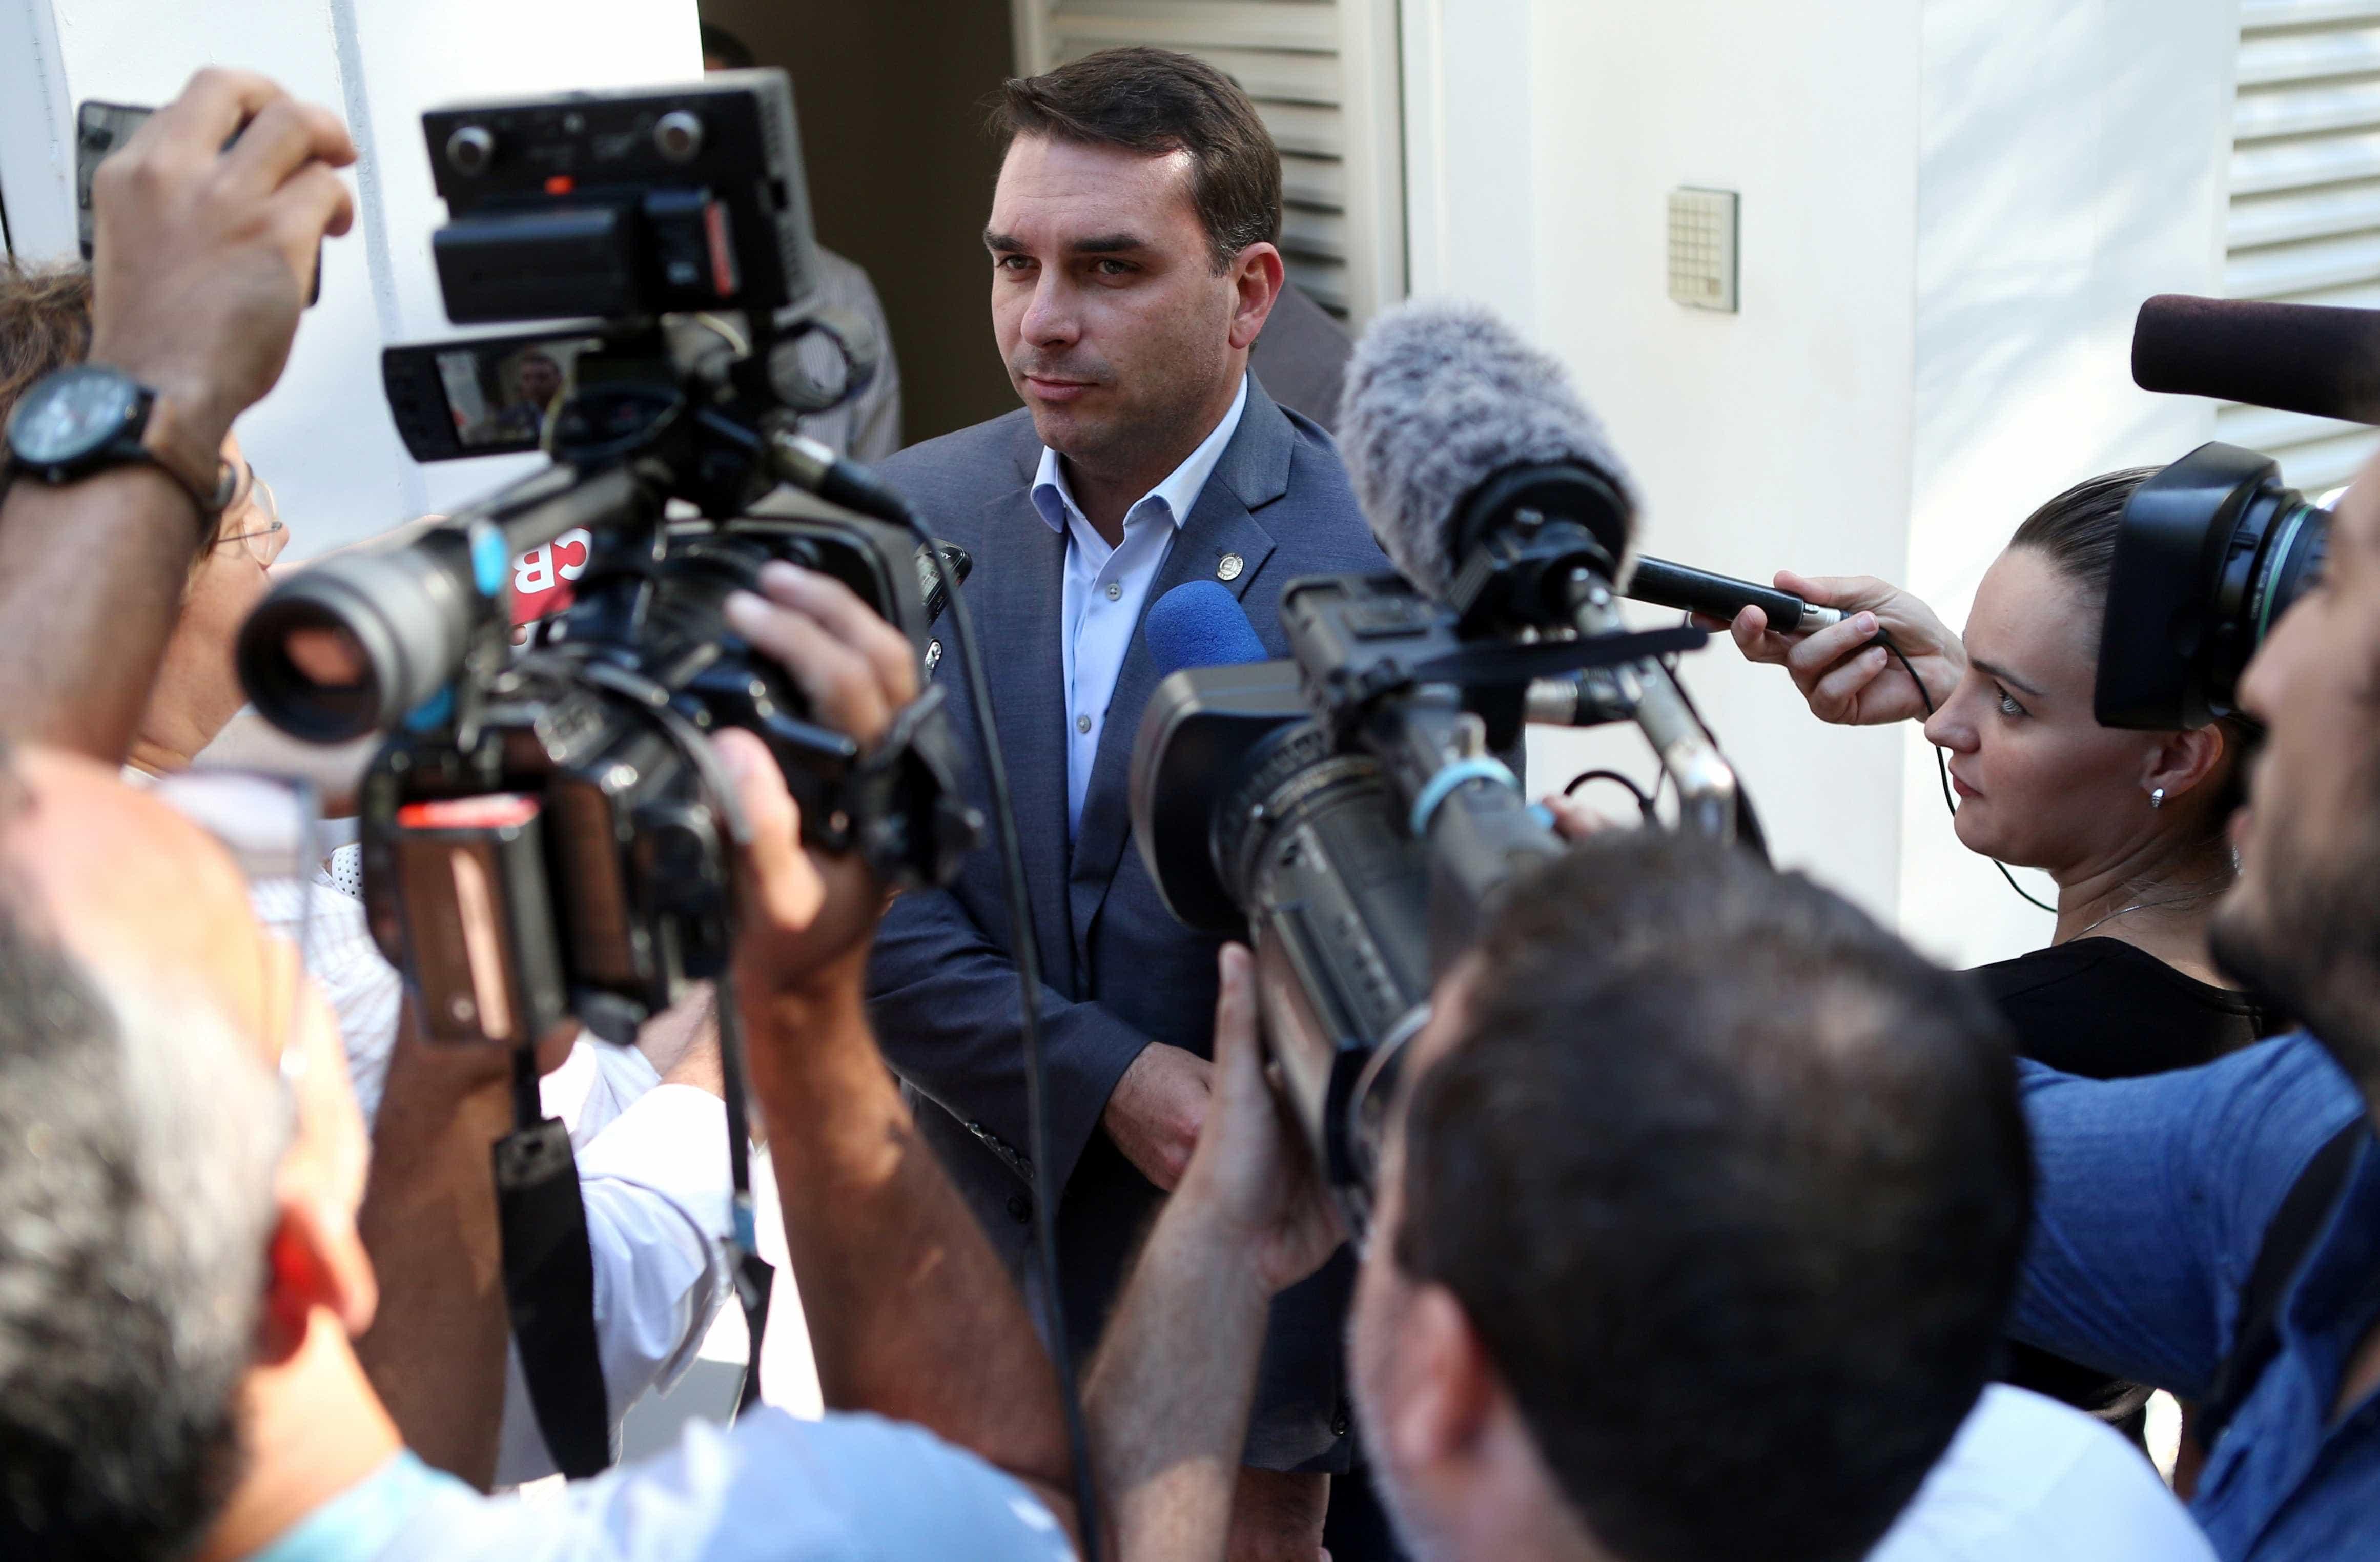 Perguntas e respostas sobre o caso do ex-assessor de Flávio Bolsonaro